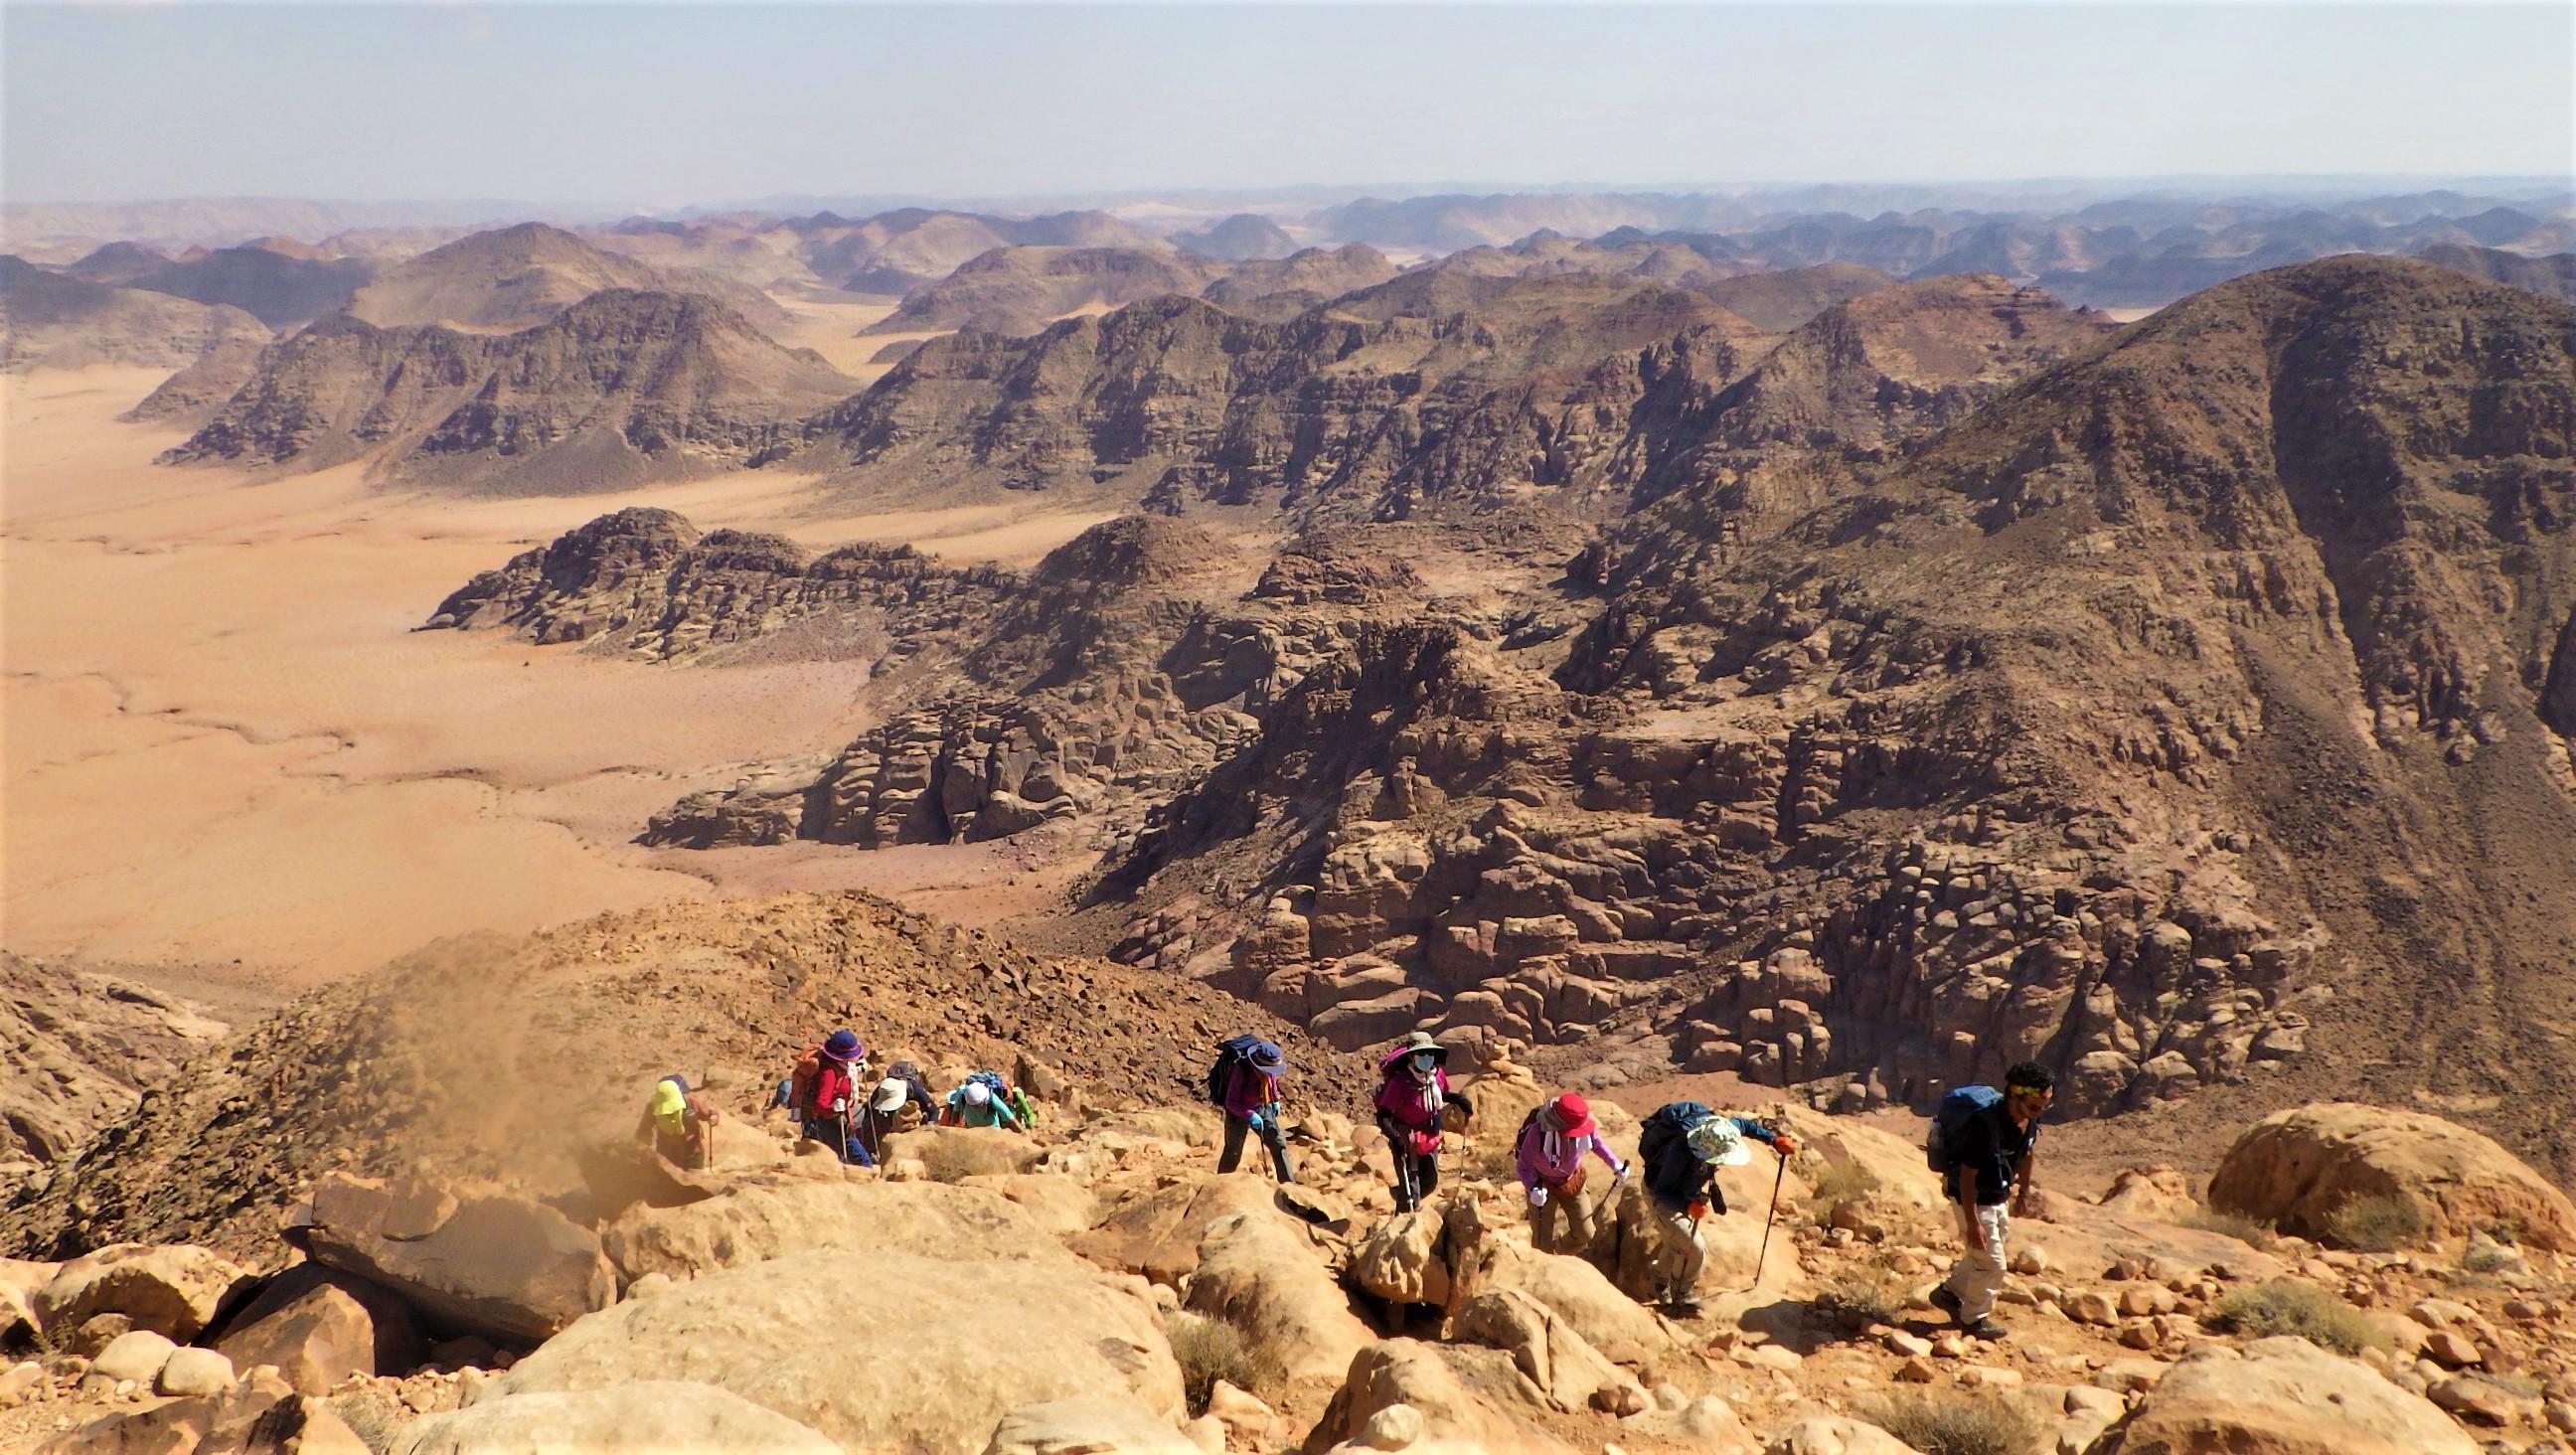 ヨルダン最高峰の頂まであと一息